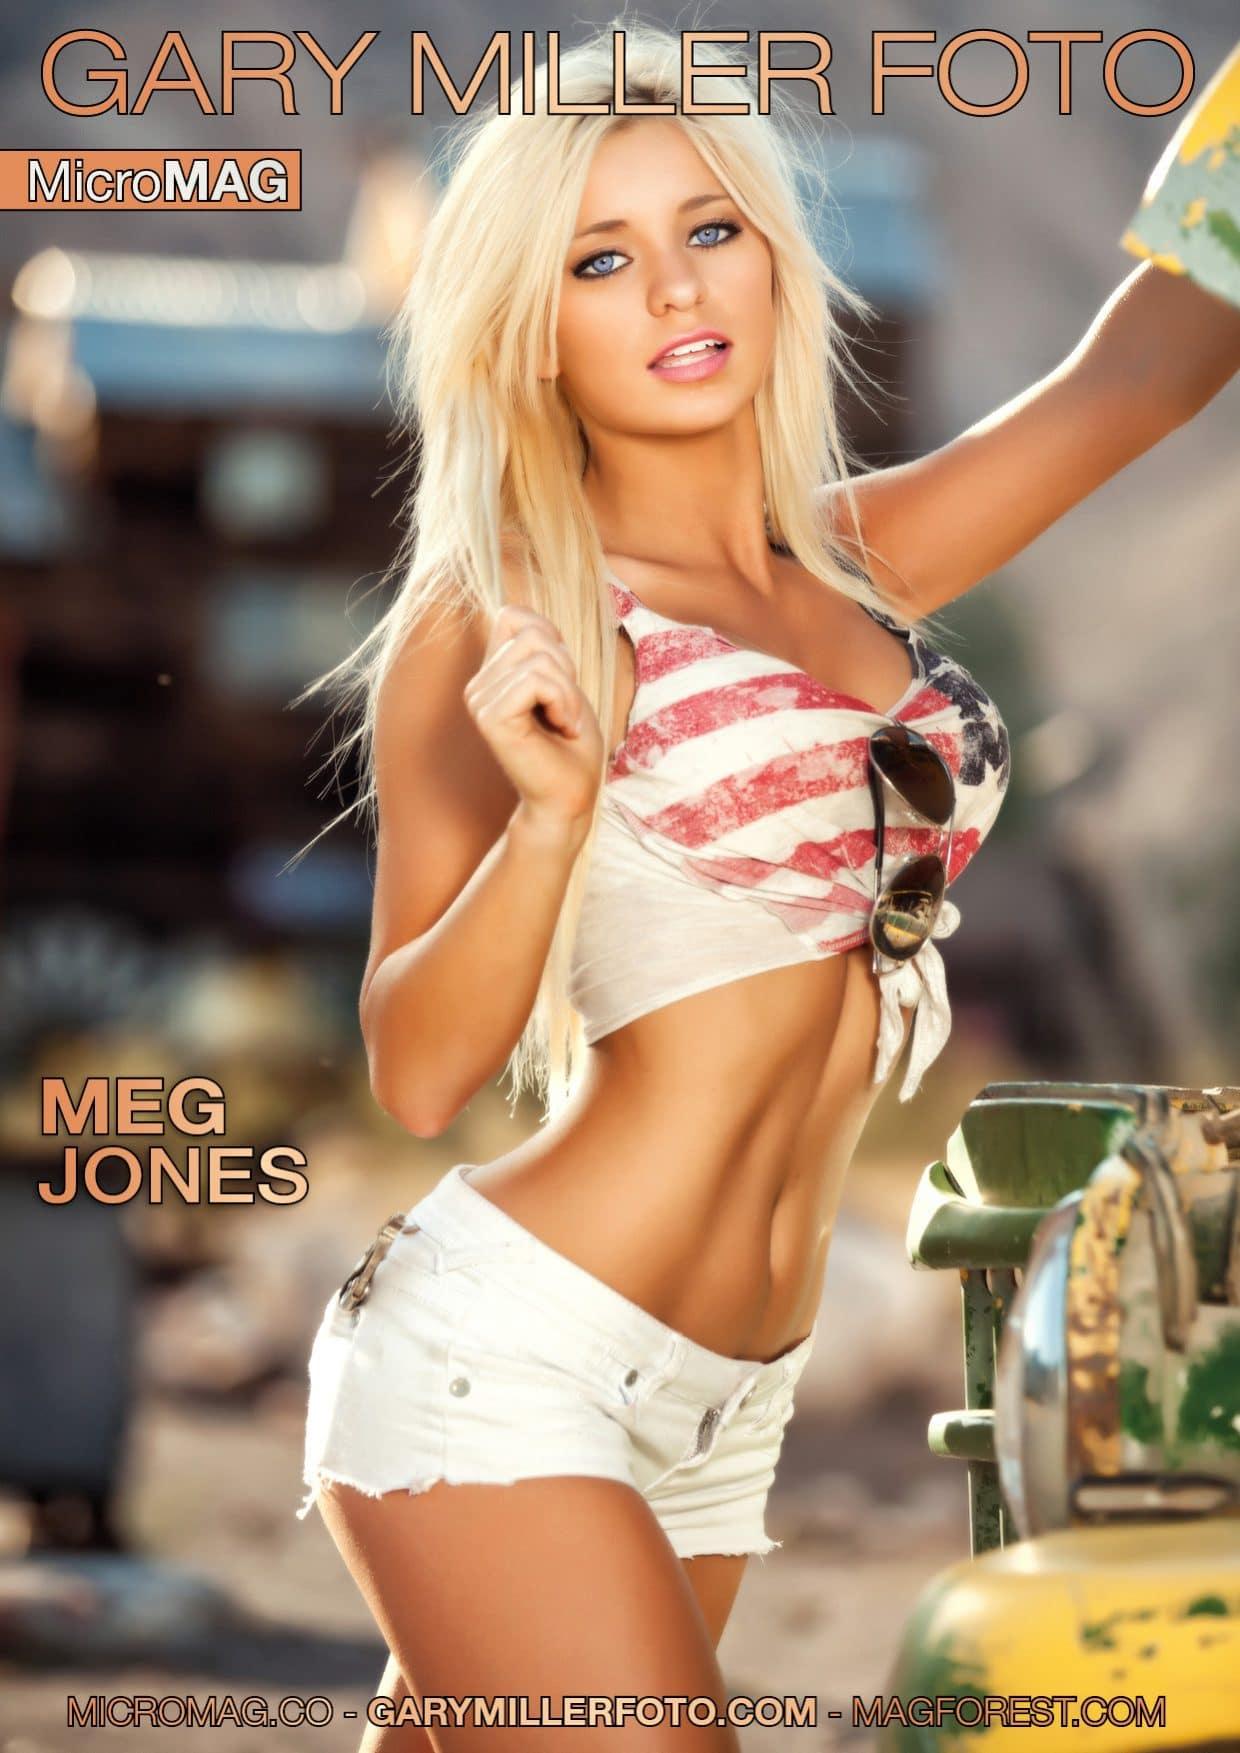 Gary Miller Foto MicroMAG – Meg Jones 1